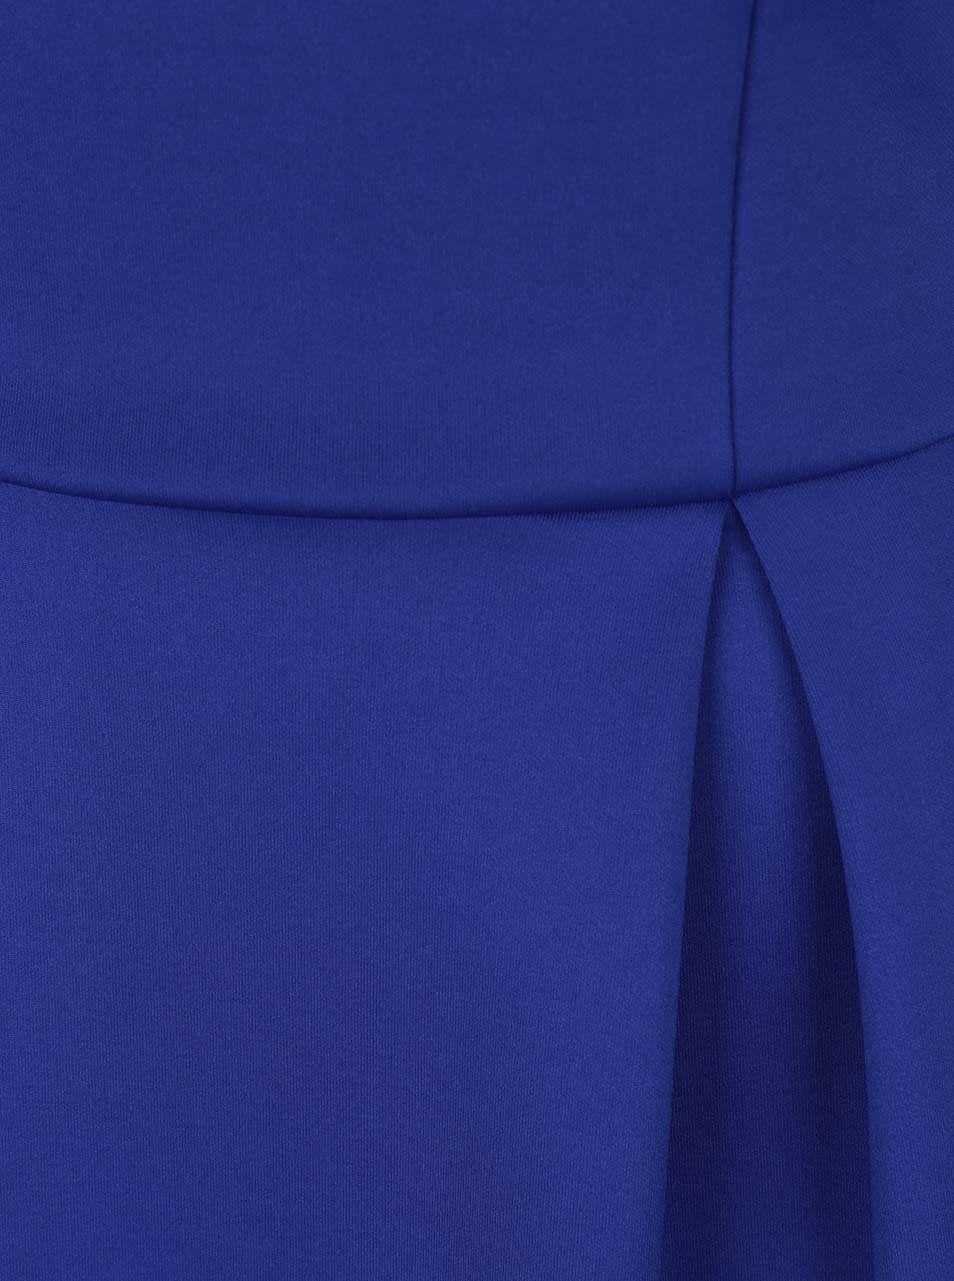 fce15bfa5eea Modré šaty s odhalenými rameny a krajkovými lemy Dorothy Perkins Tall